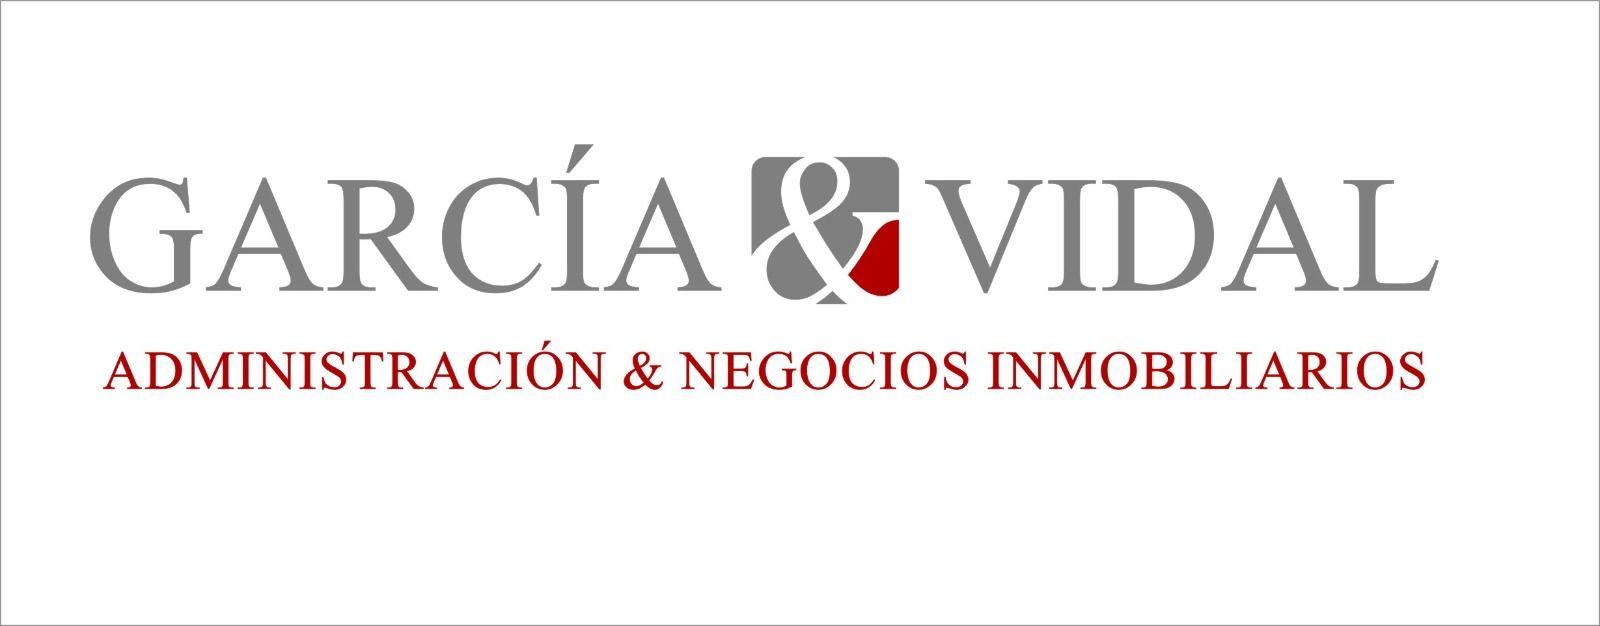 Logo de  Garciayvidal